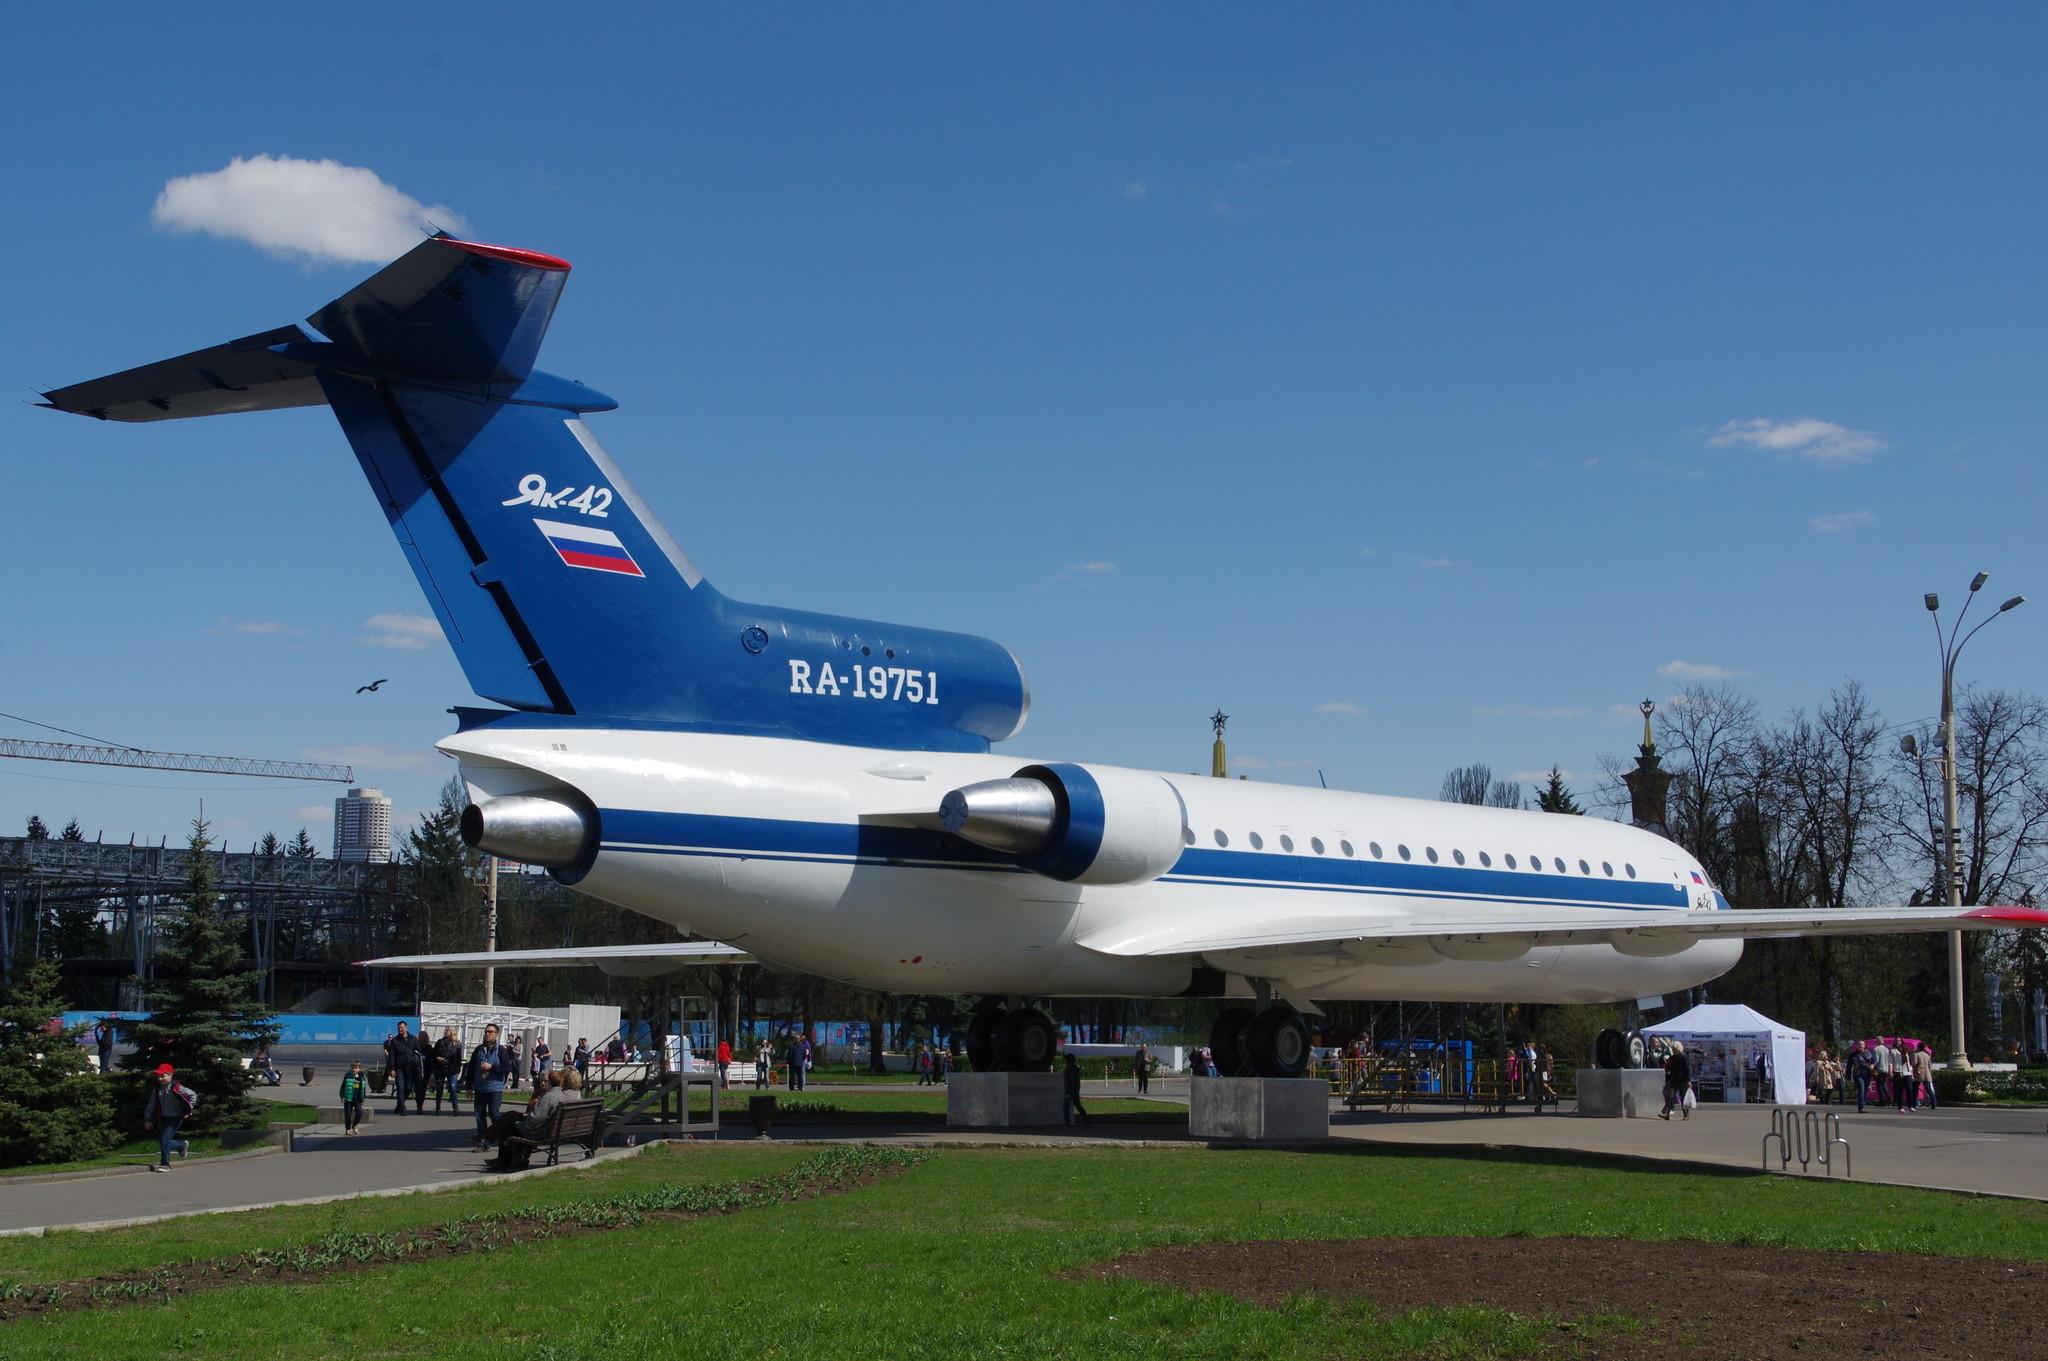 Трёхдвигательный пассажирский самолёт Як-42 на ВДНХ